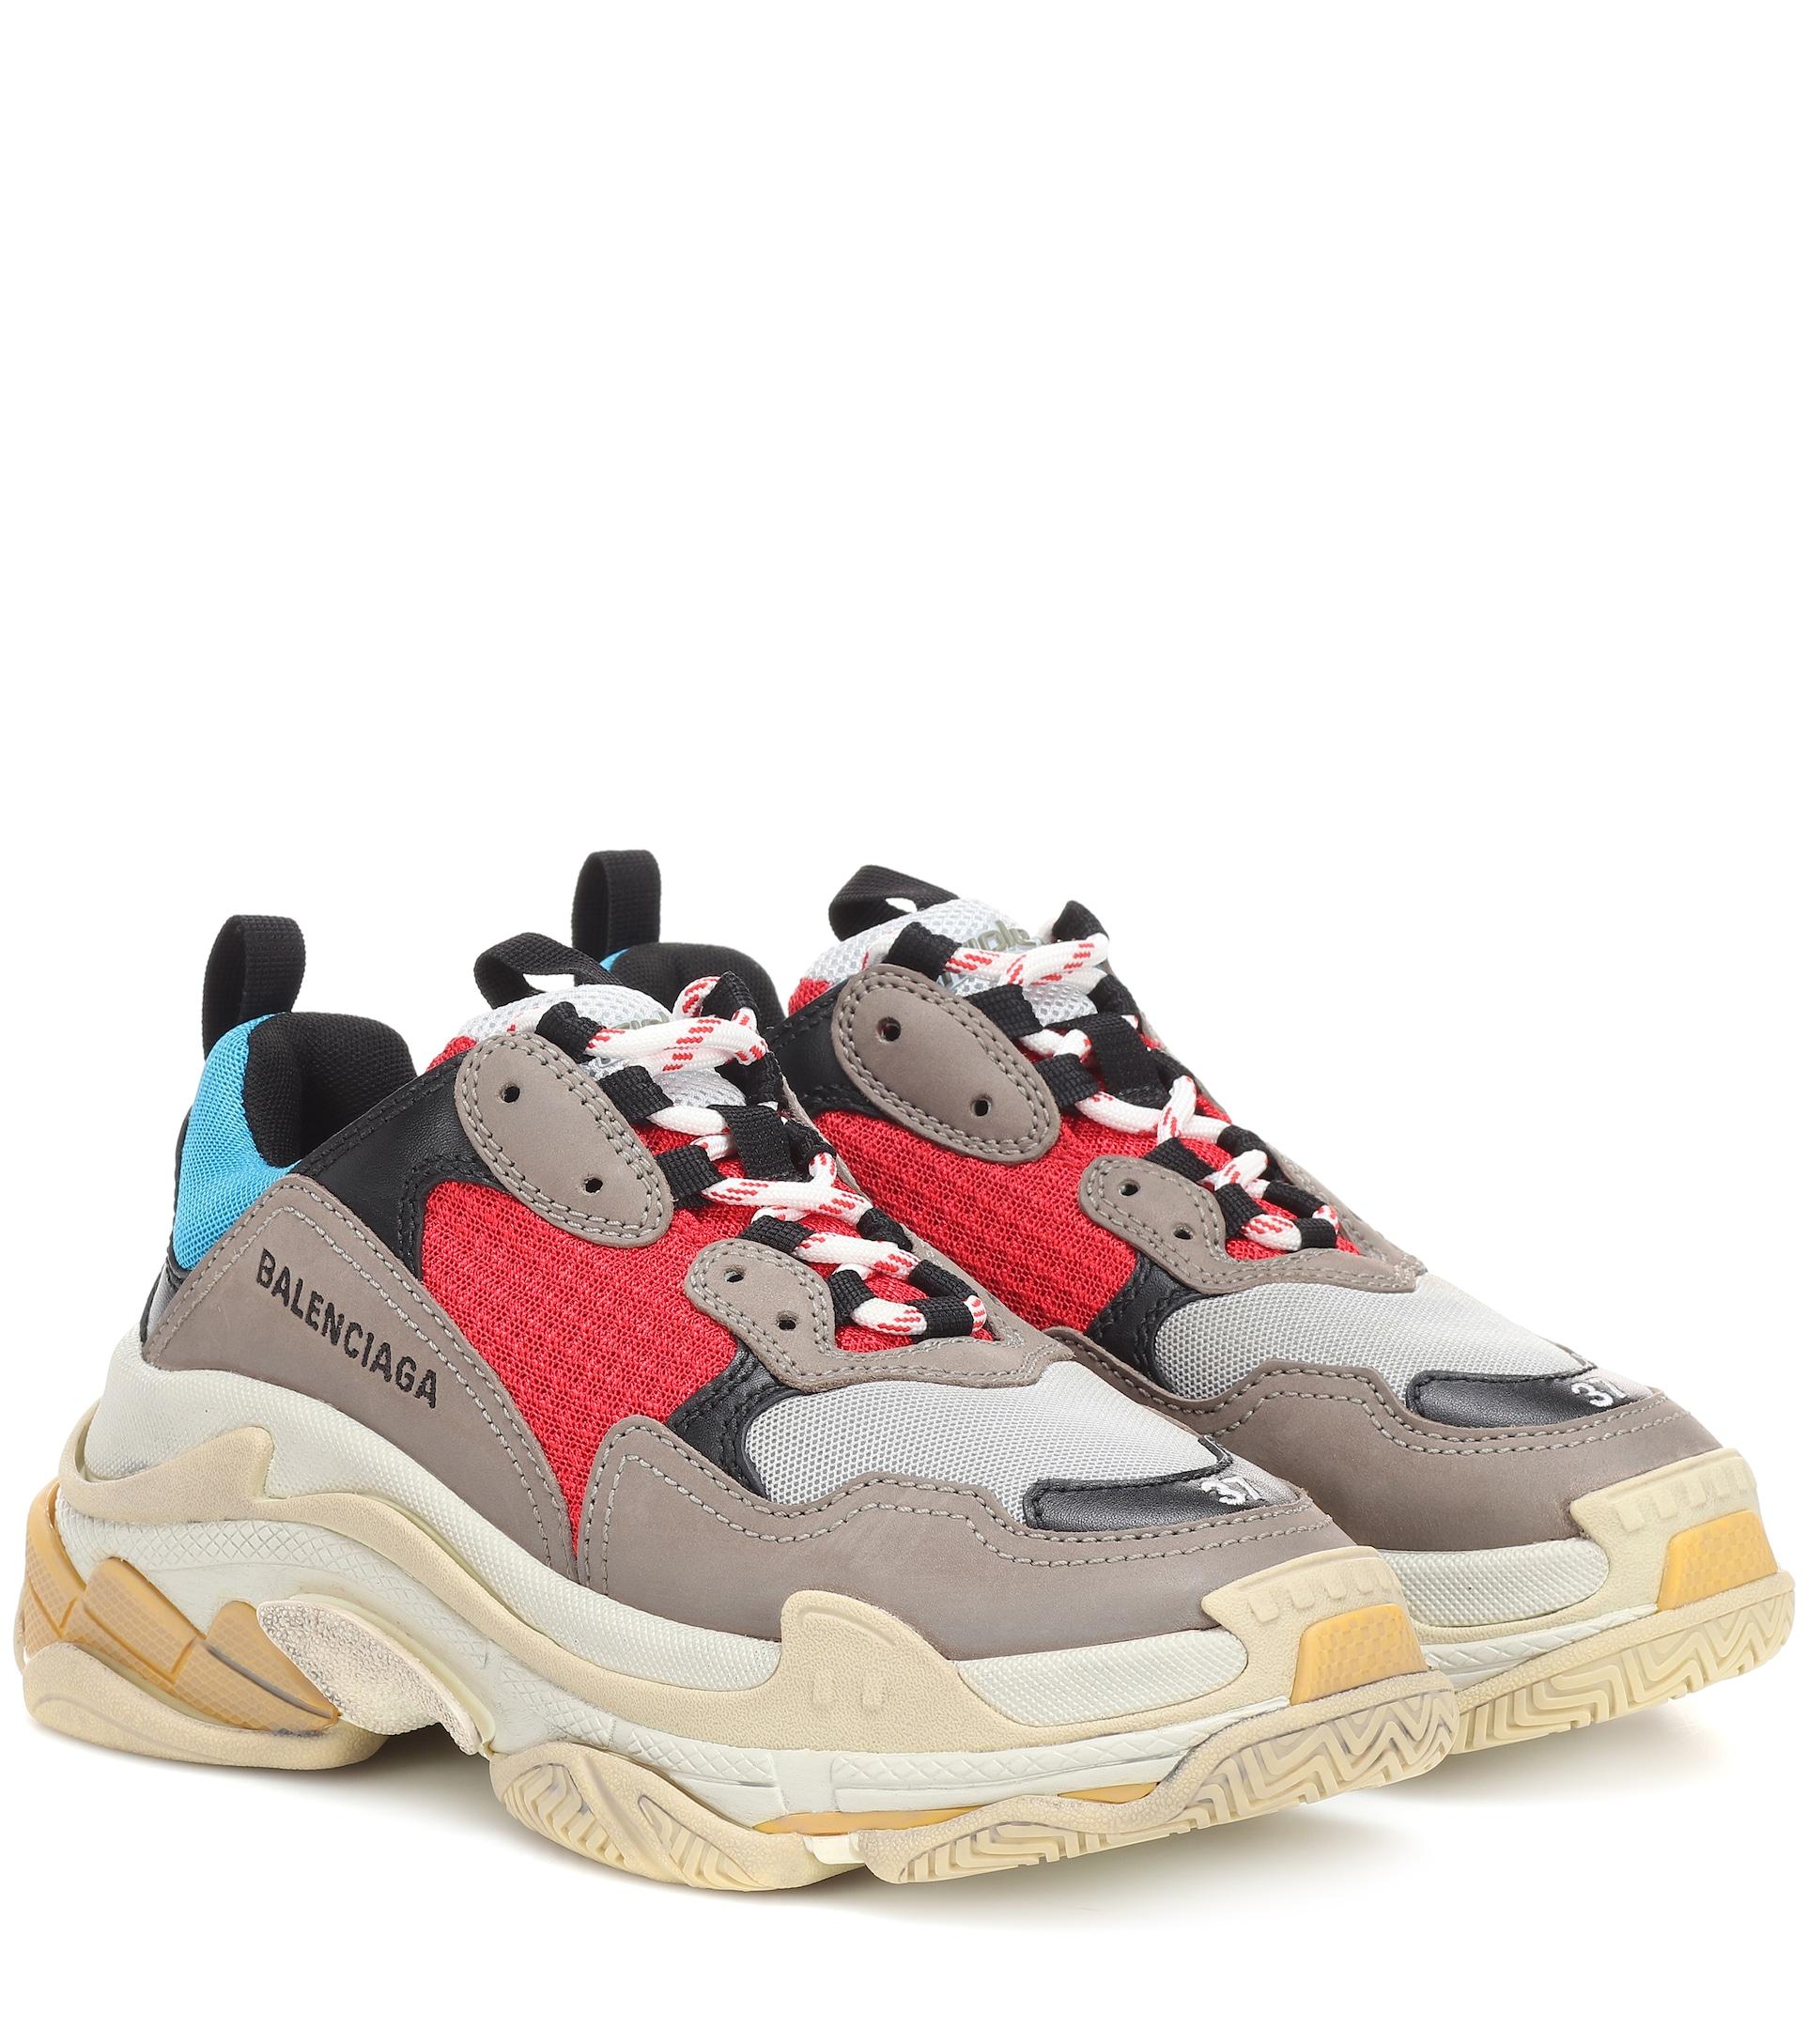 d846de9a4b3b2 Sneaker-Tipps von David Rüb